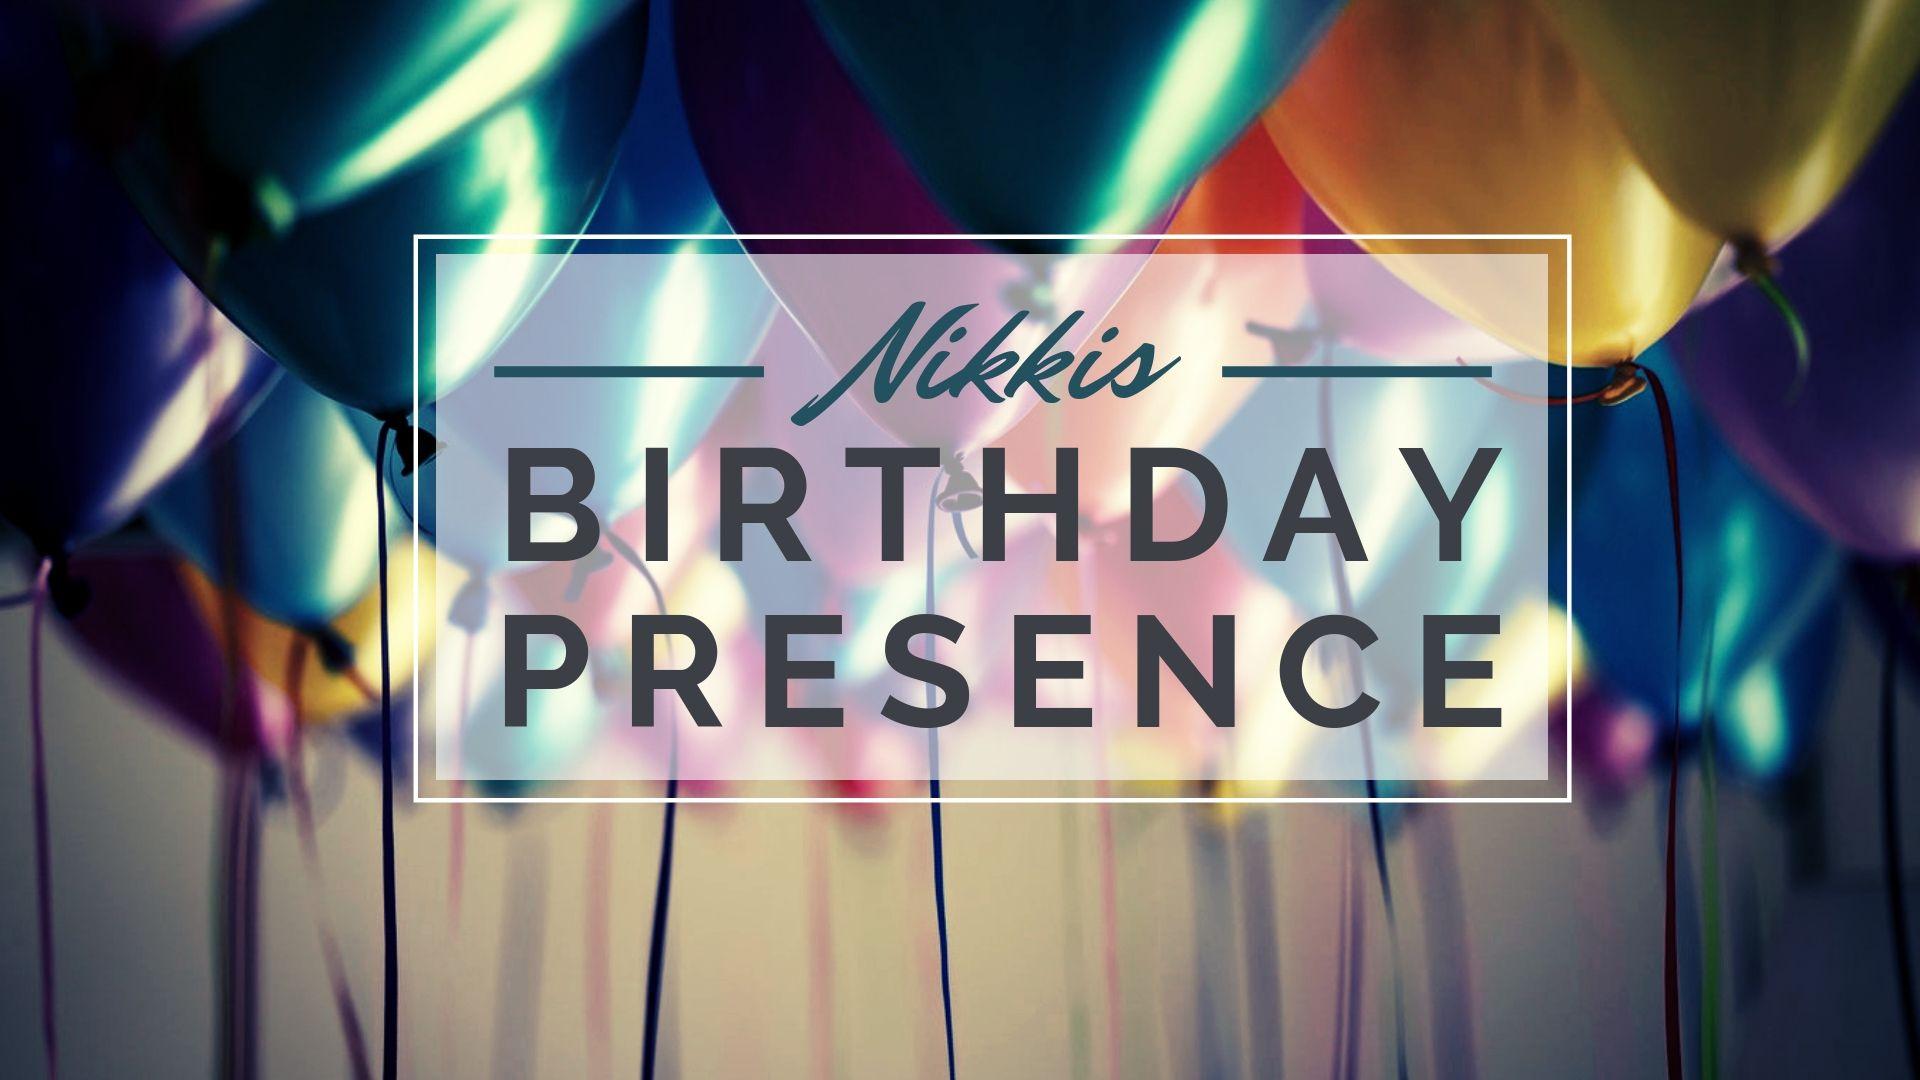 Nikki's Birthday Presence.jpg